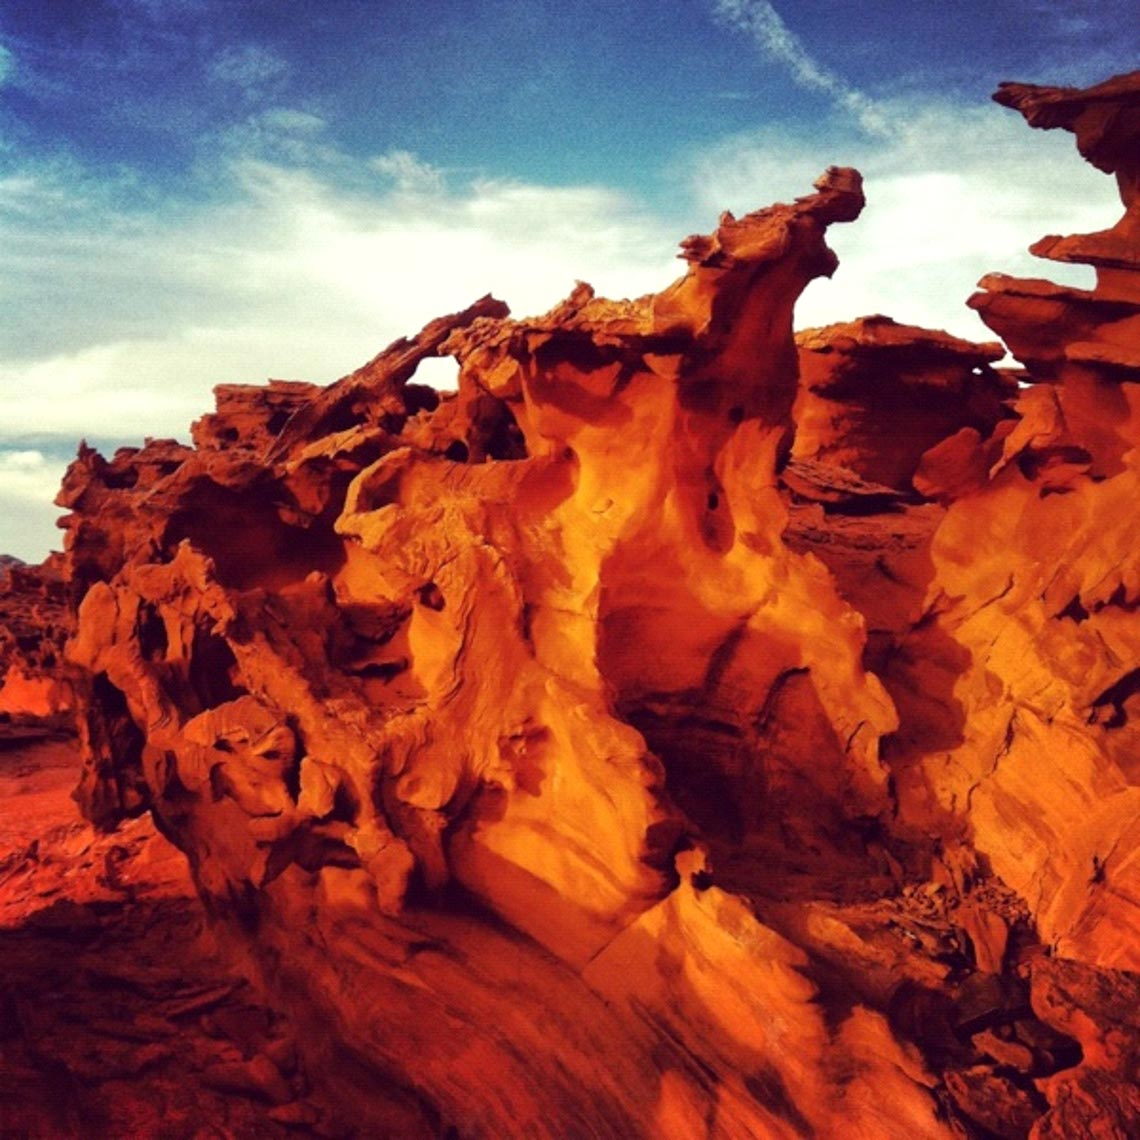 10 địa điểm siêu thực đẹp như trong mơ -5